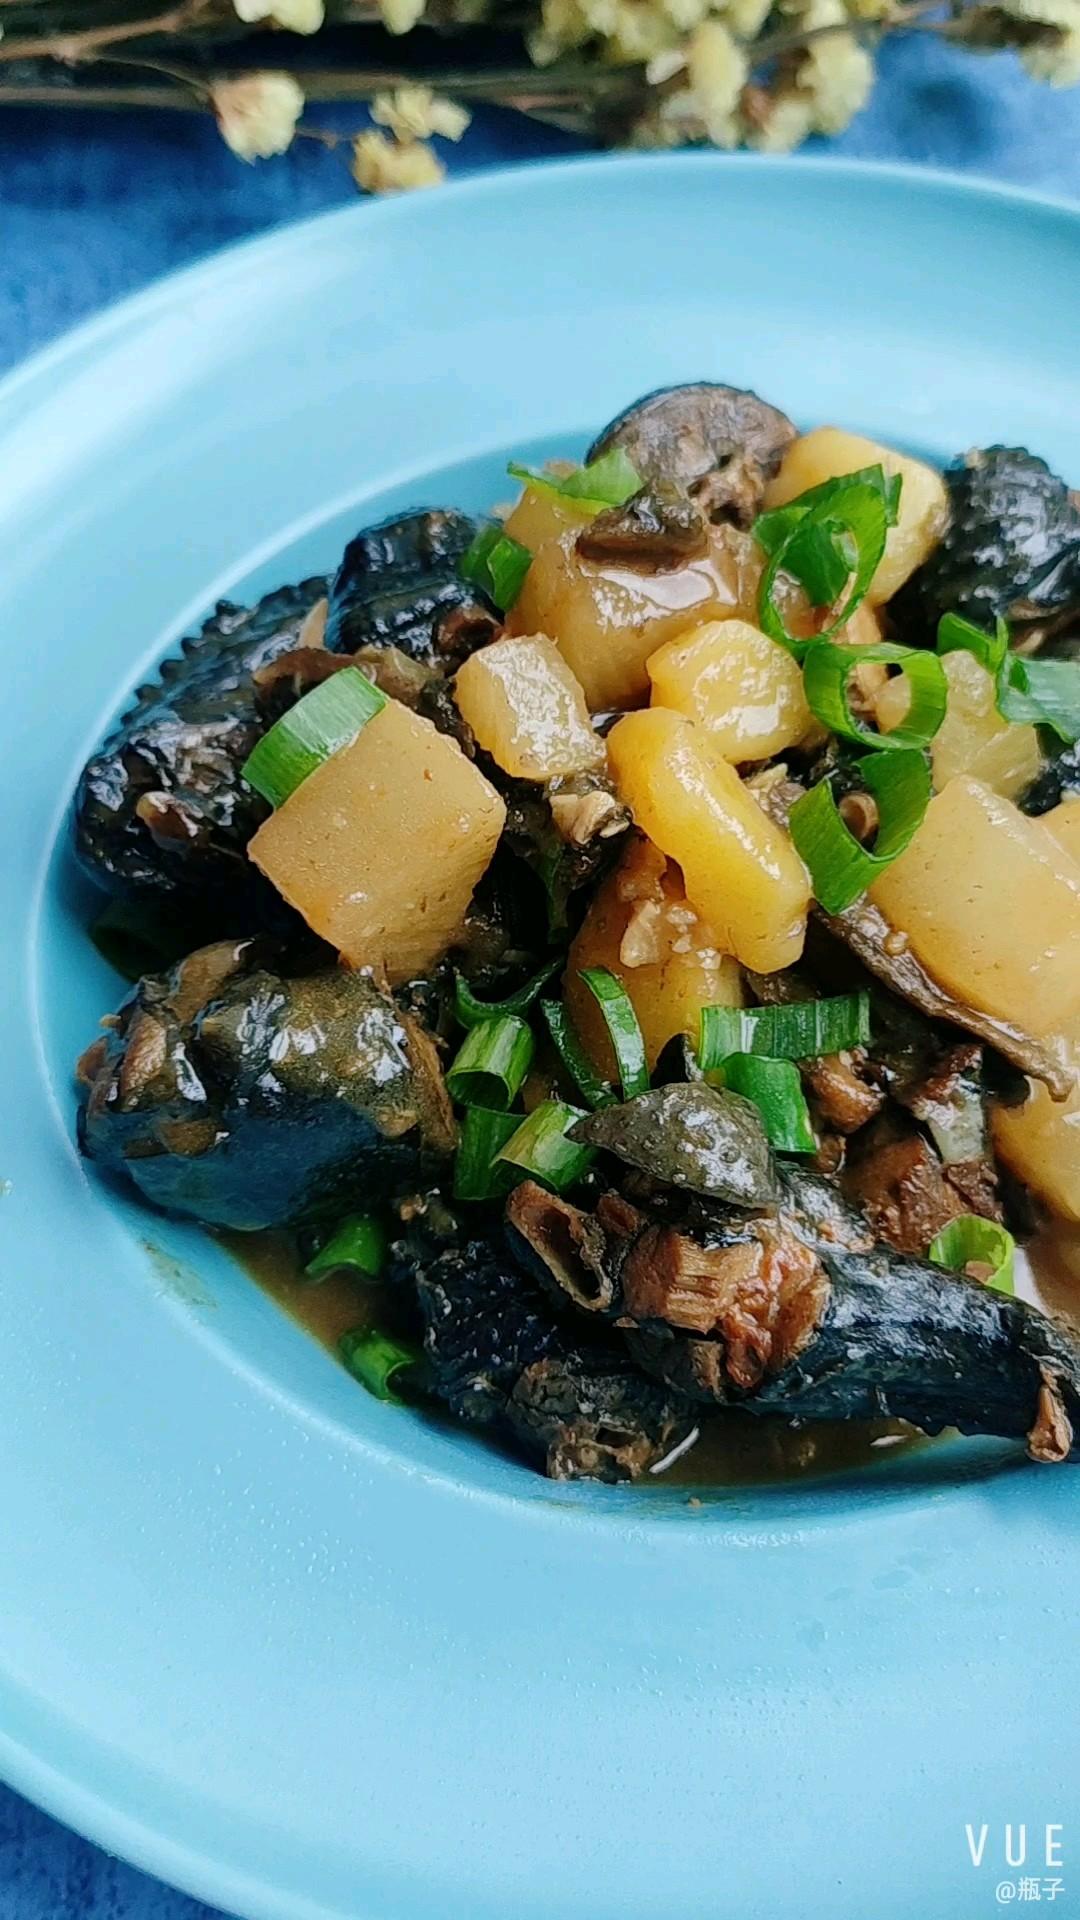 咖喱土豆萝卜炖乌鸡